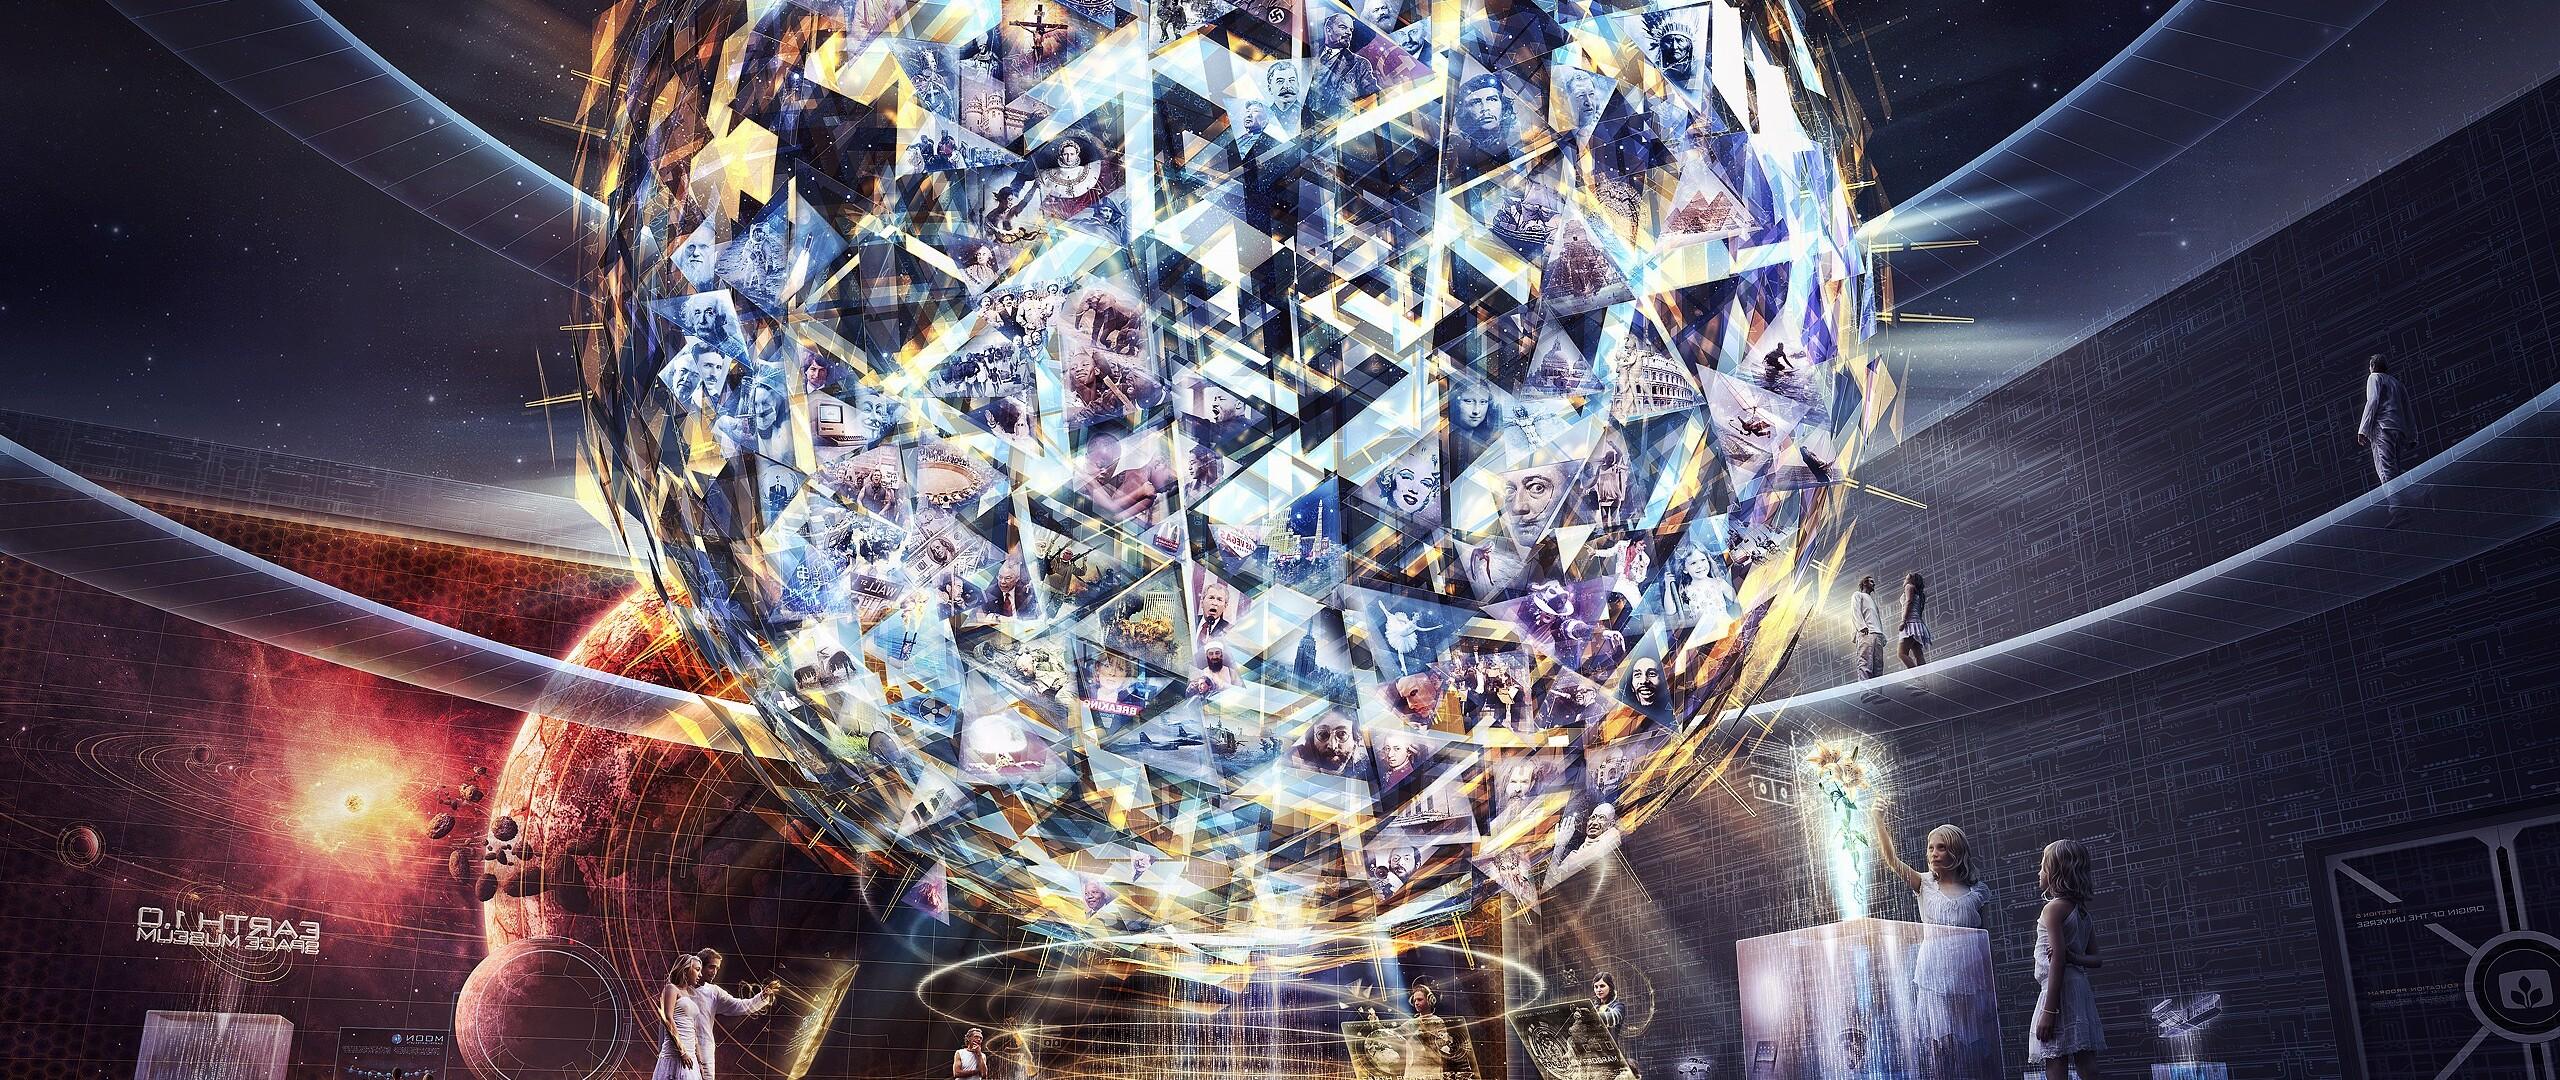 earth-space-museum.jpg